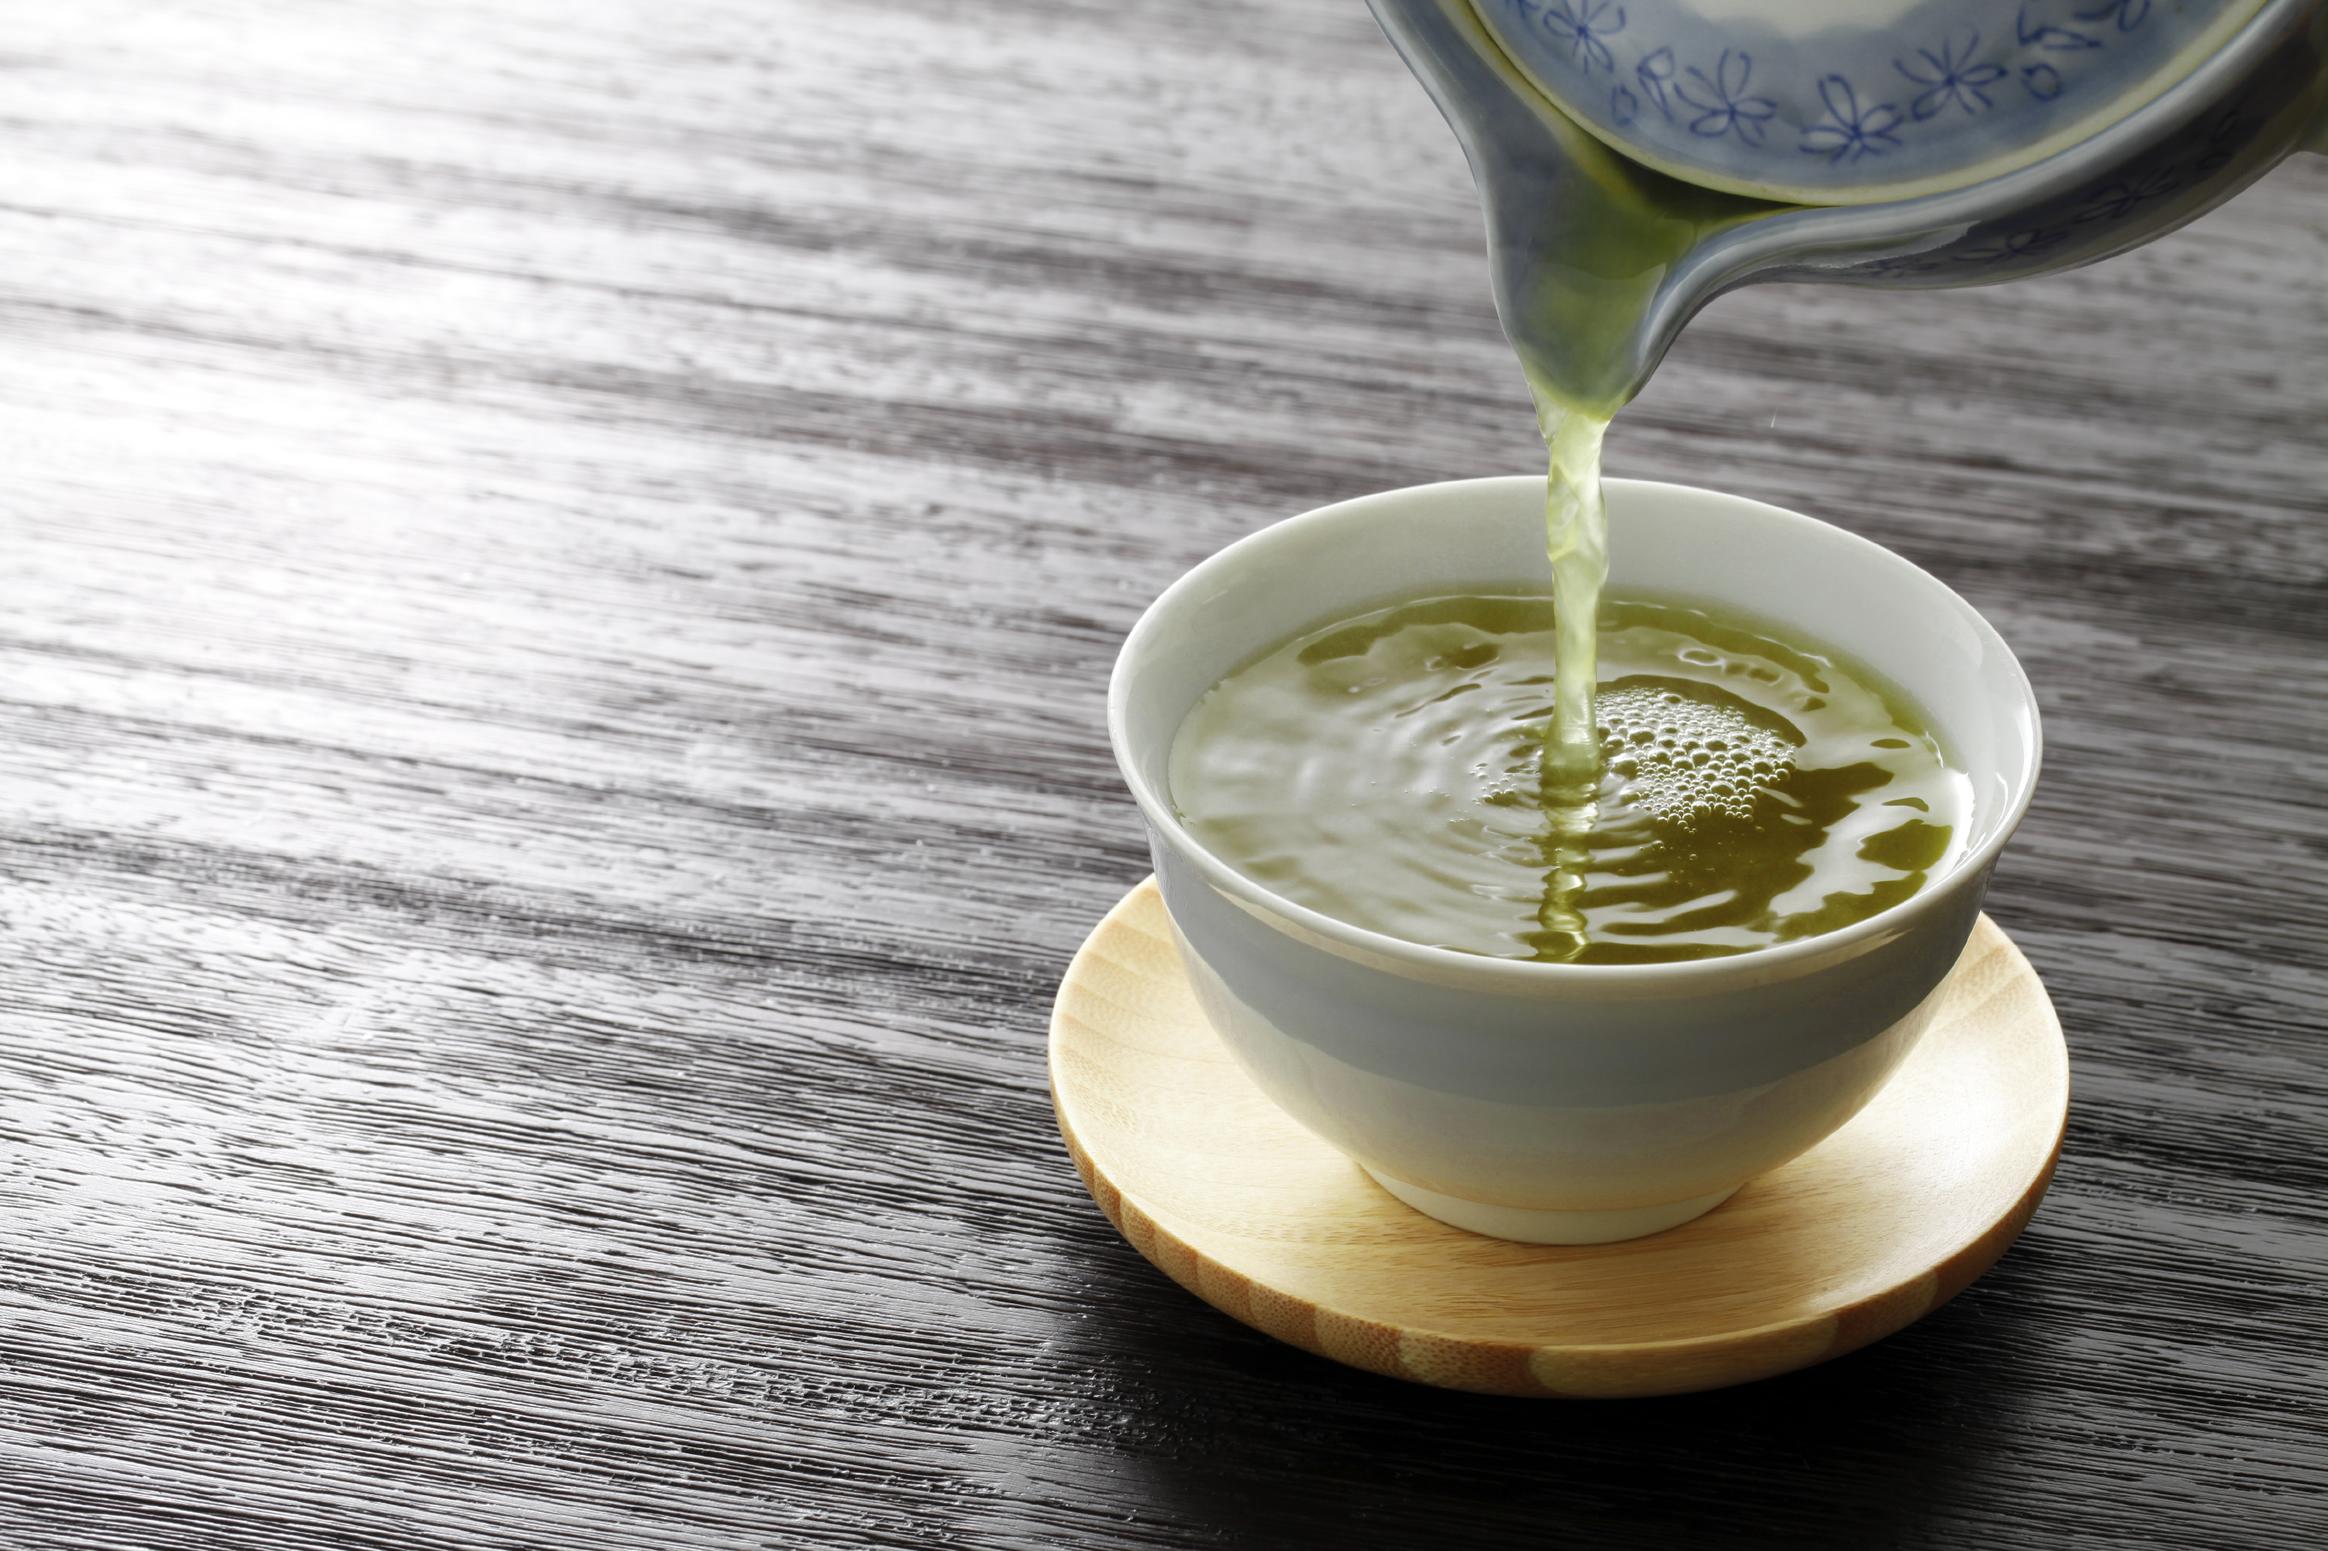 Tetera vertiendo té verde